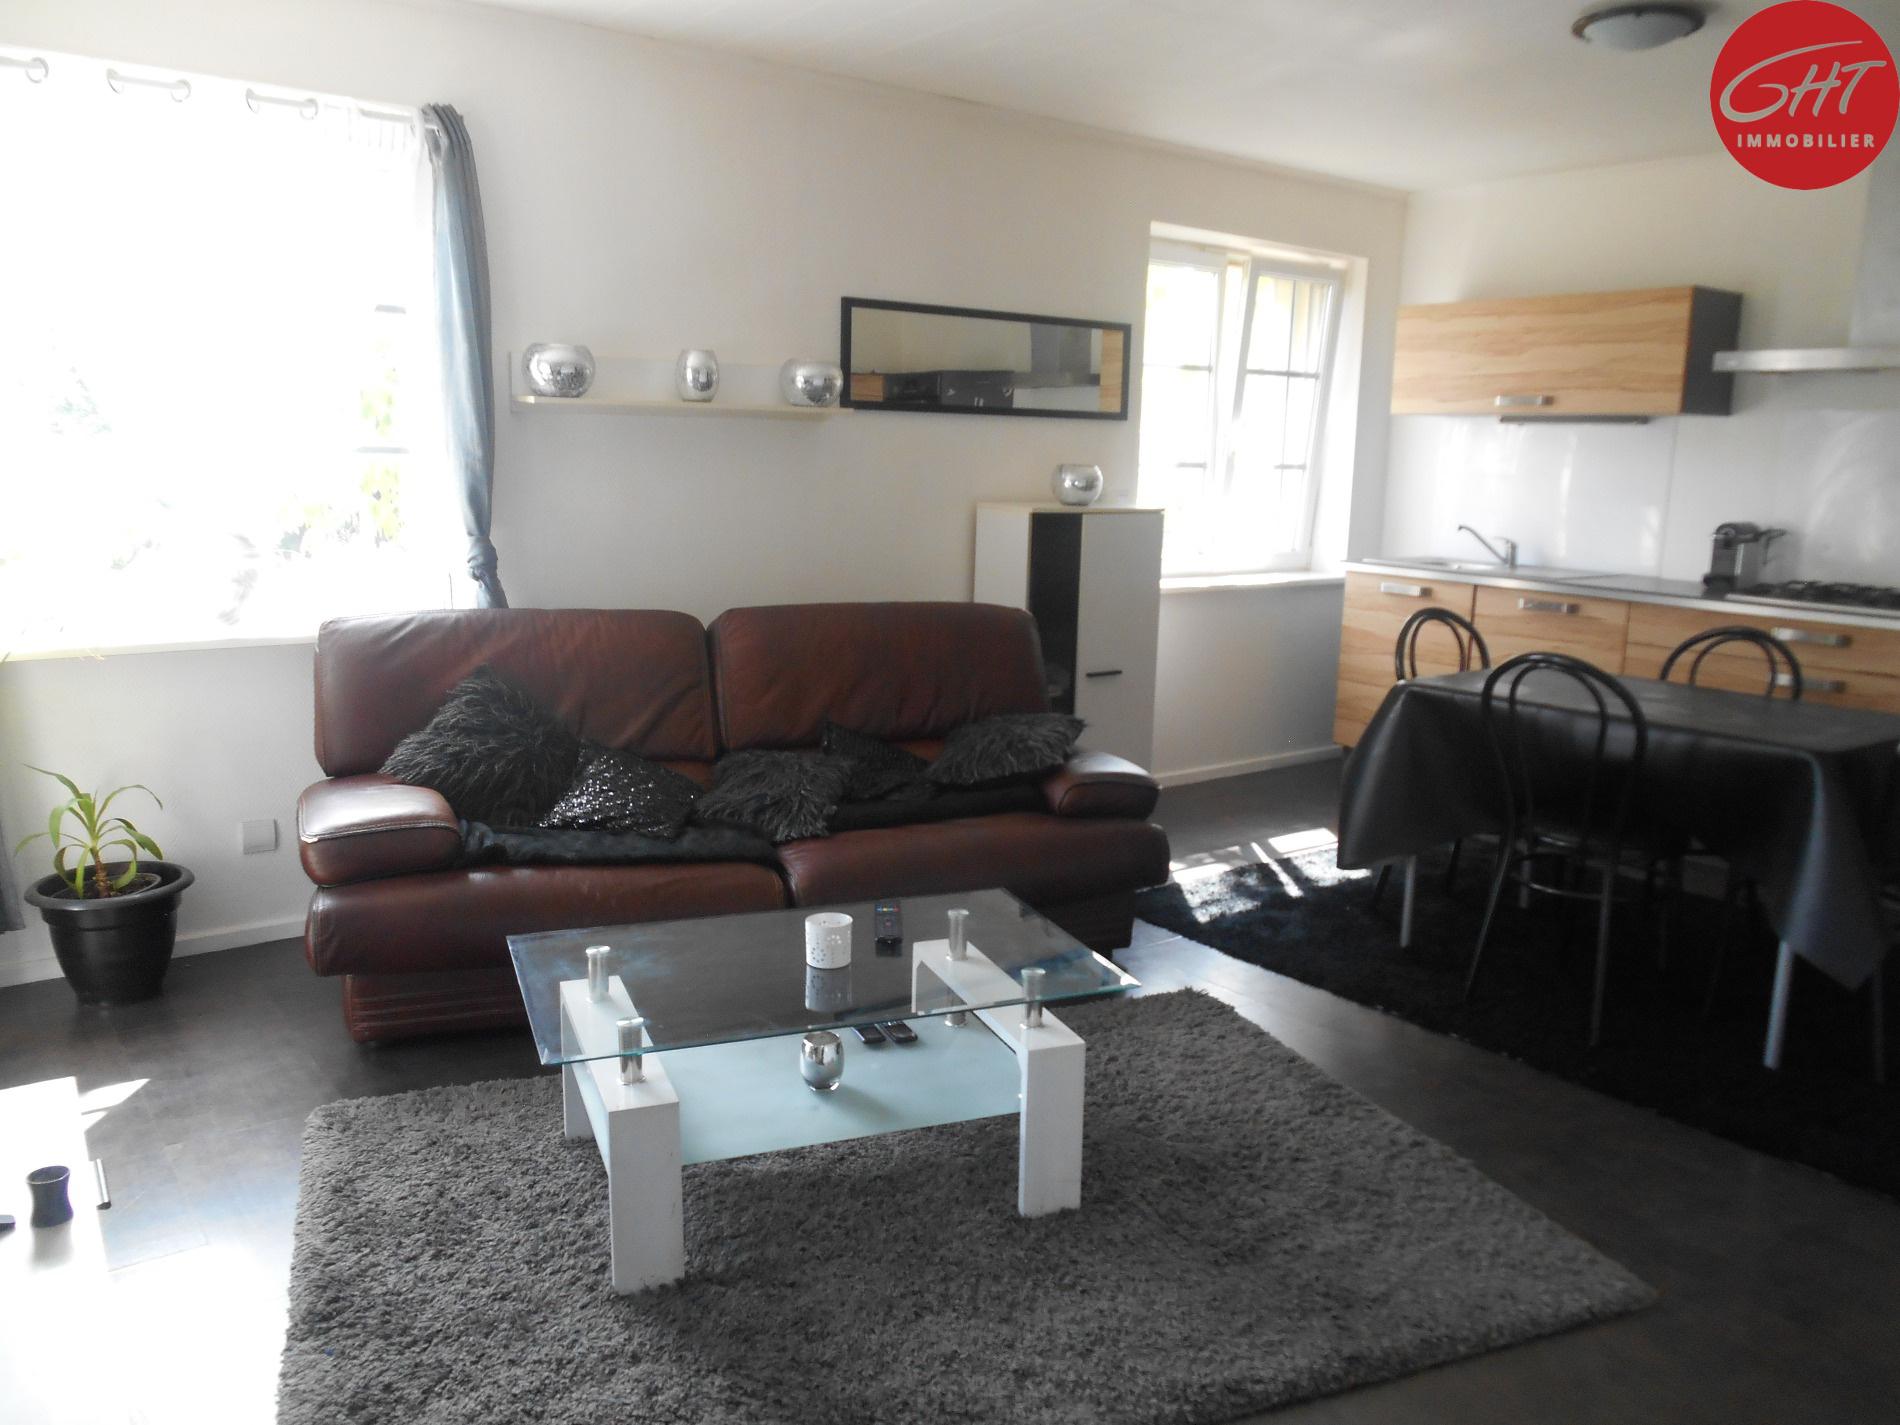 vente appartement cernay 68700 sur le partenaire. Black Bedroom Furniture Sets. Home Design Ideas